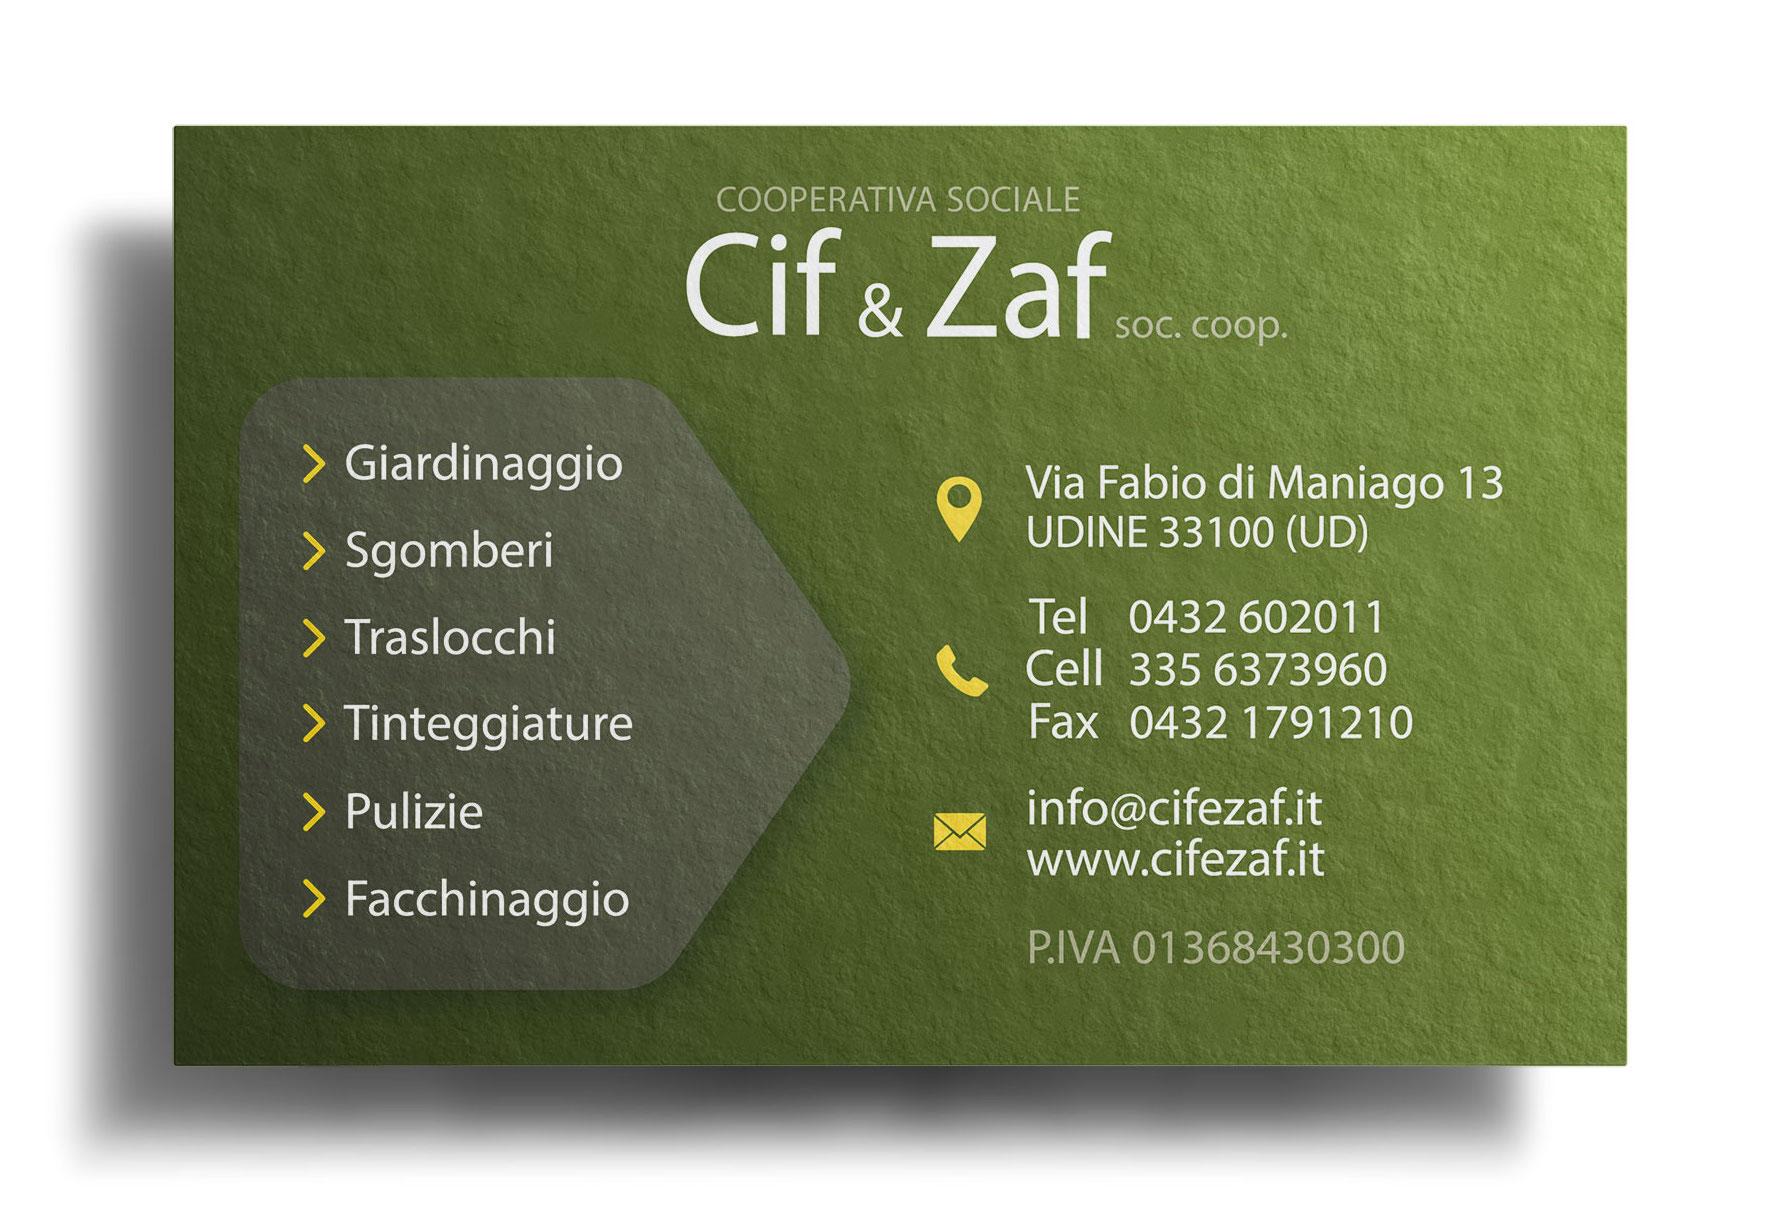 Biglietto da visita Cif & Zaf retro